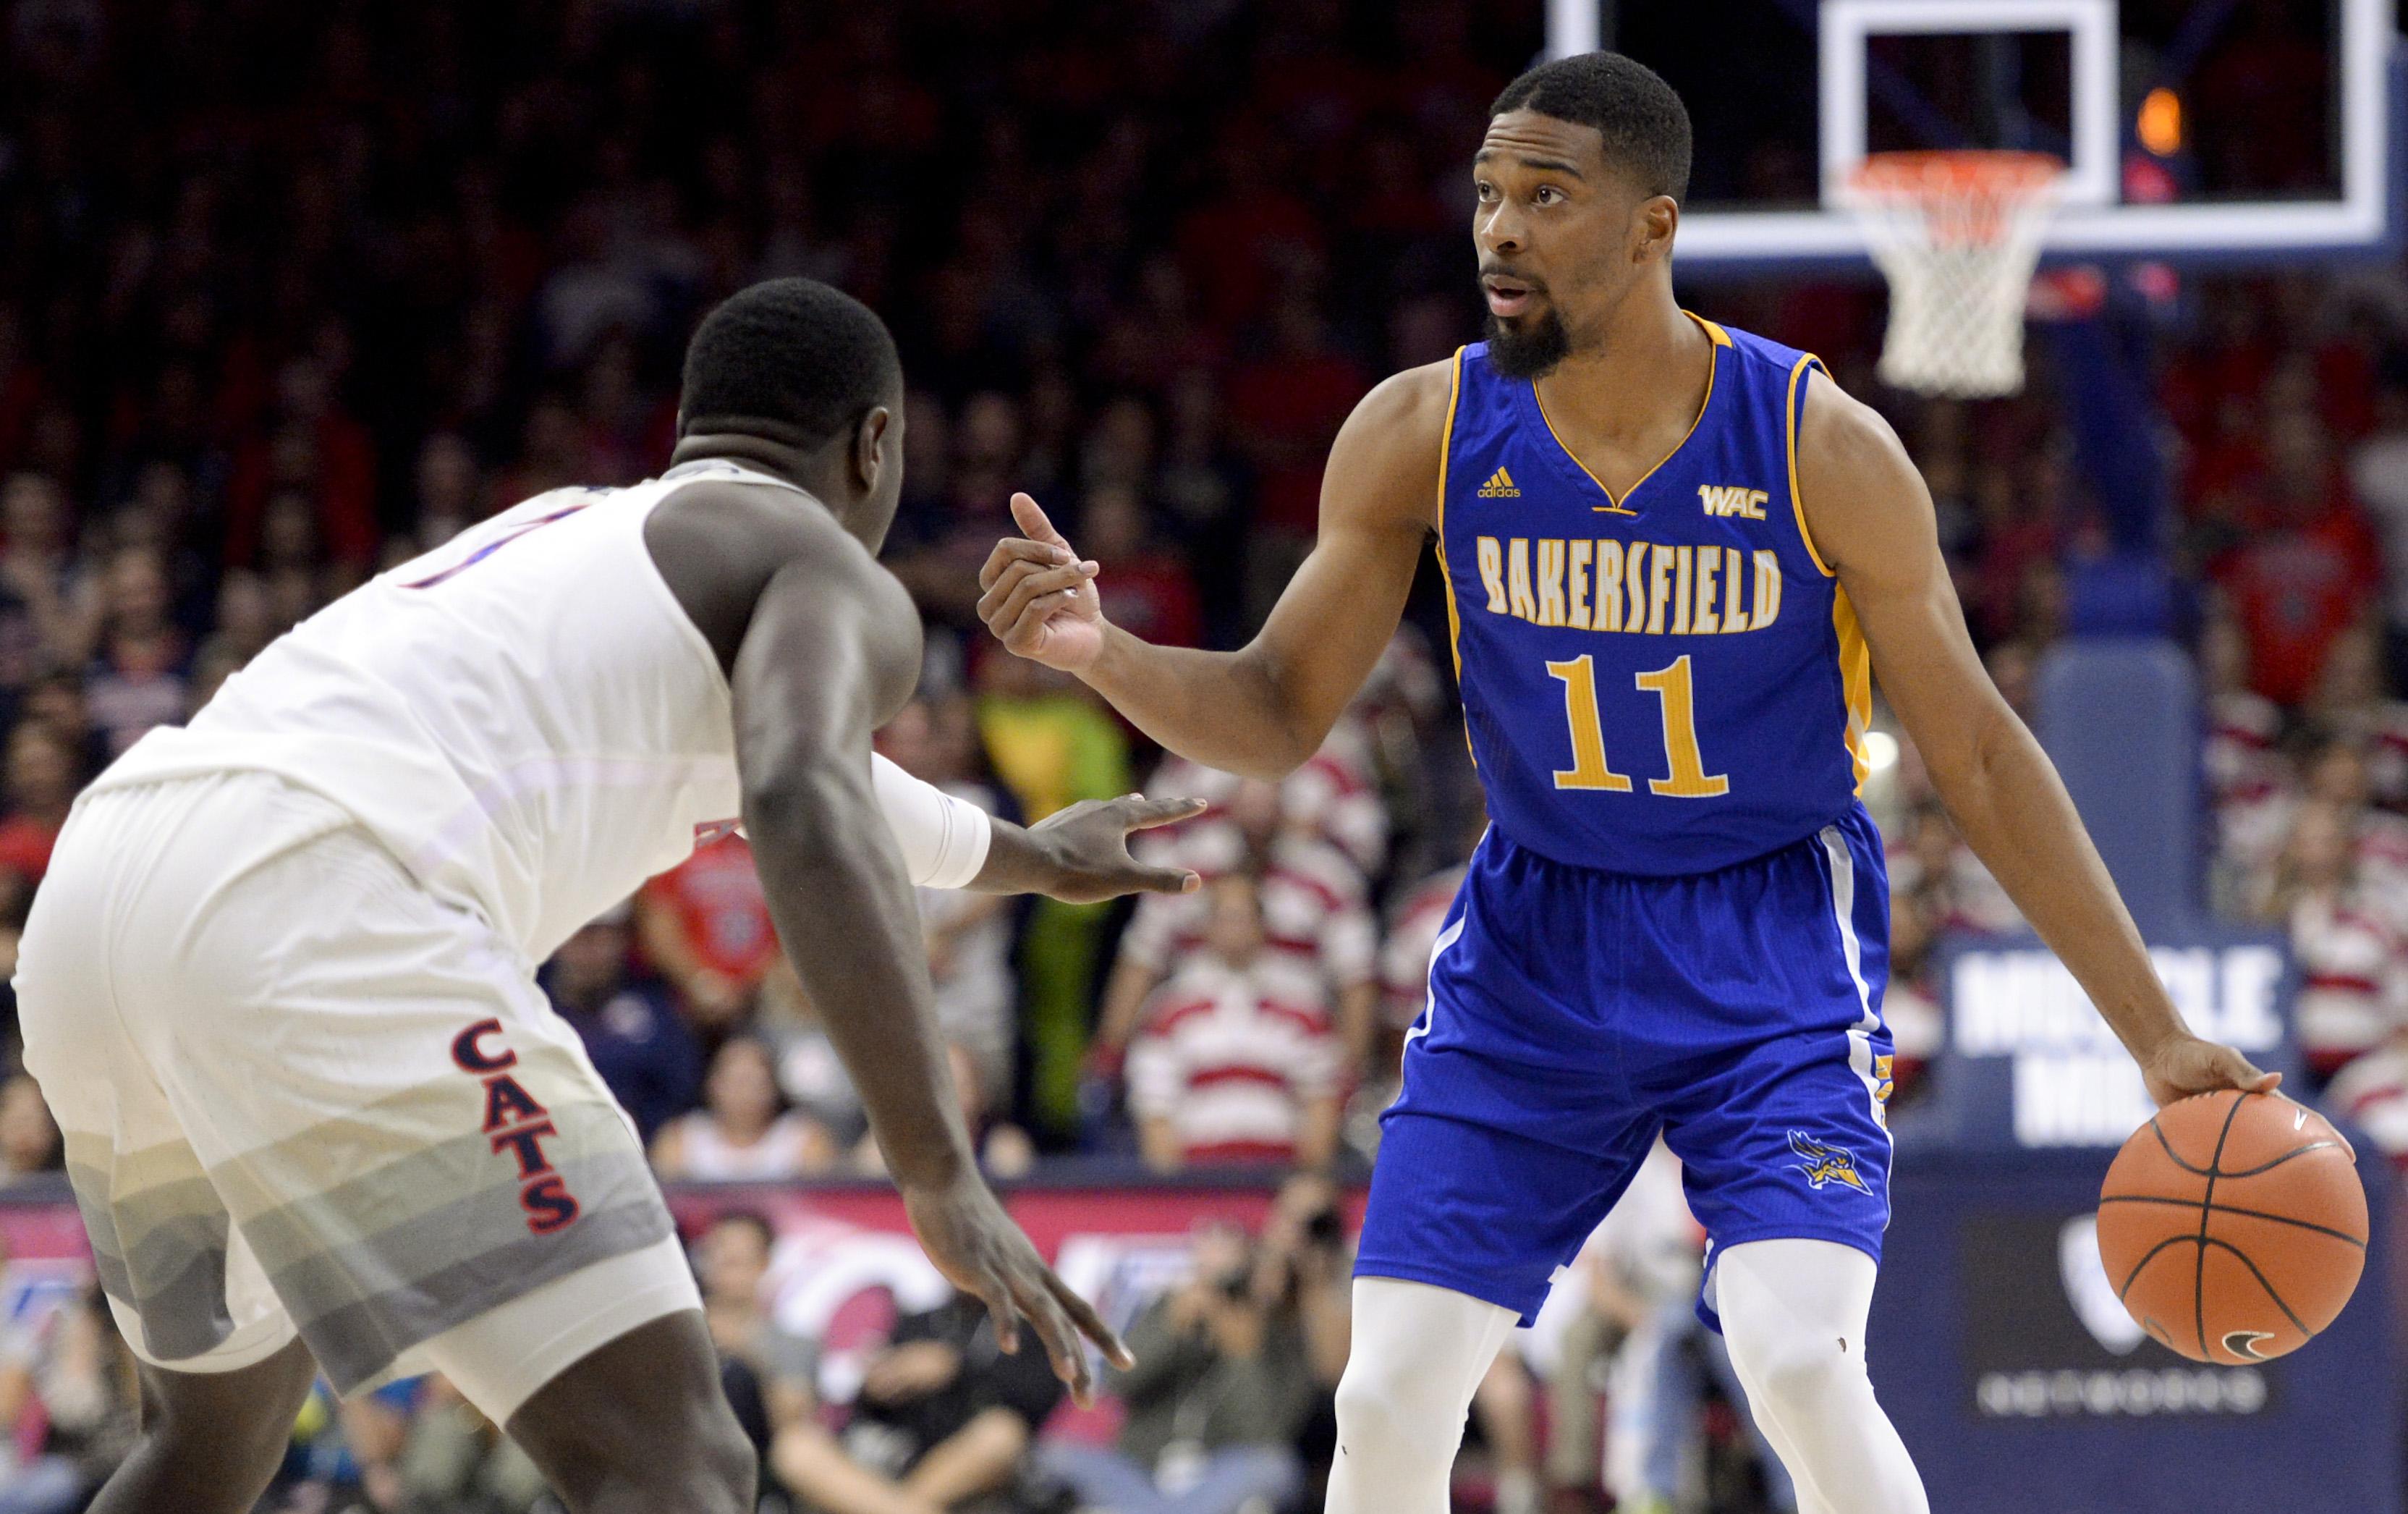 NCAA Basketball: Cal. State - Bakersfield at Arizona